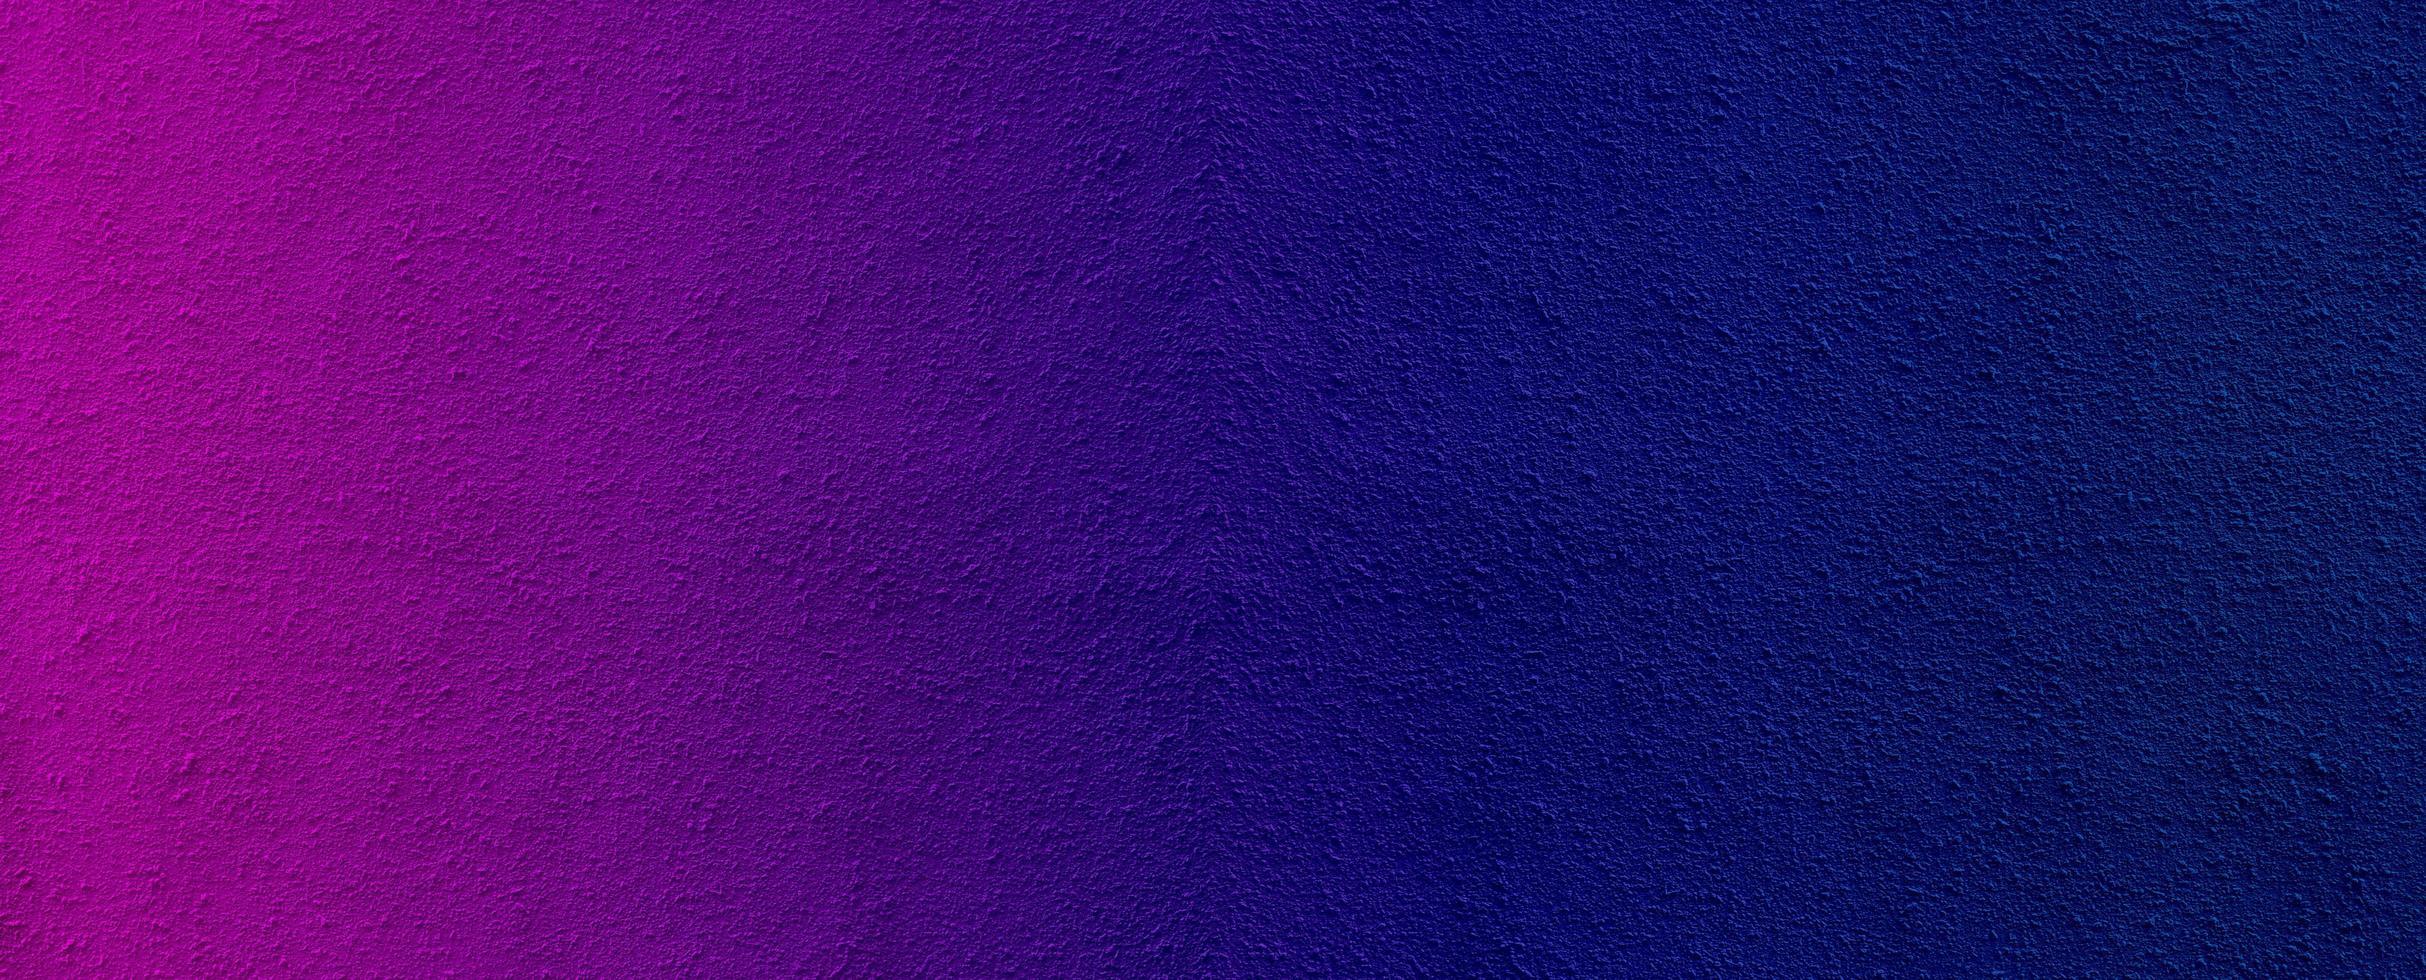 Fond de texture de mur de ciment coloré texture rugueuse photo